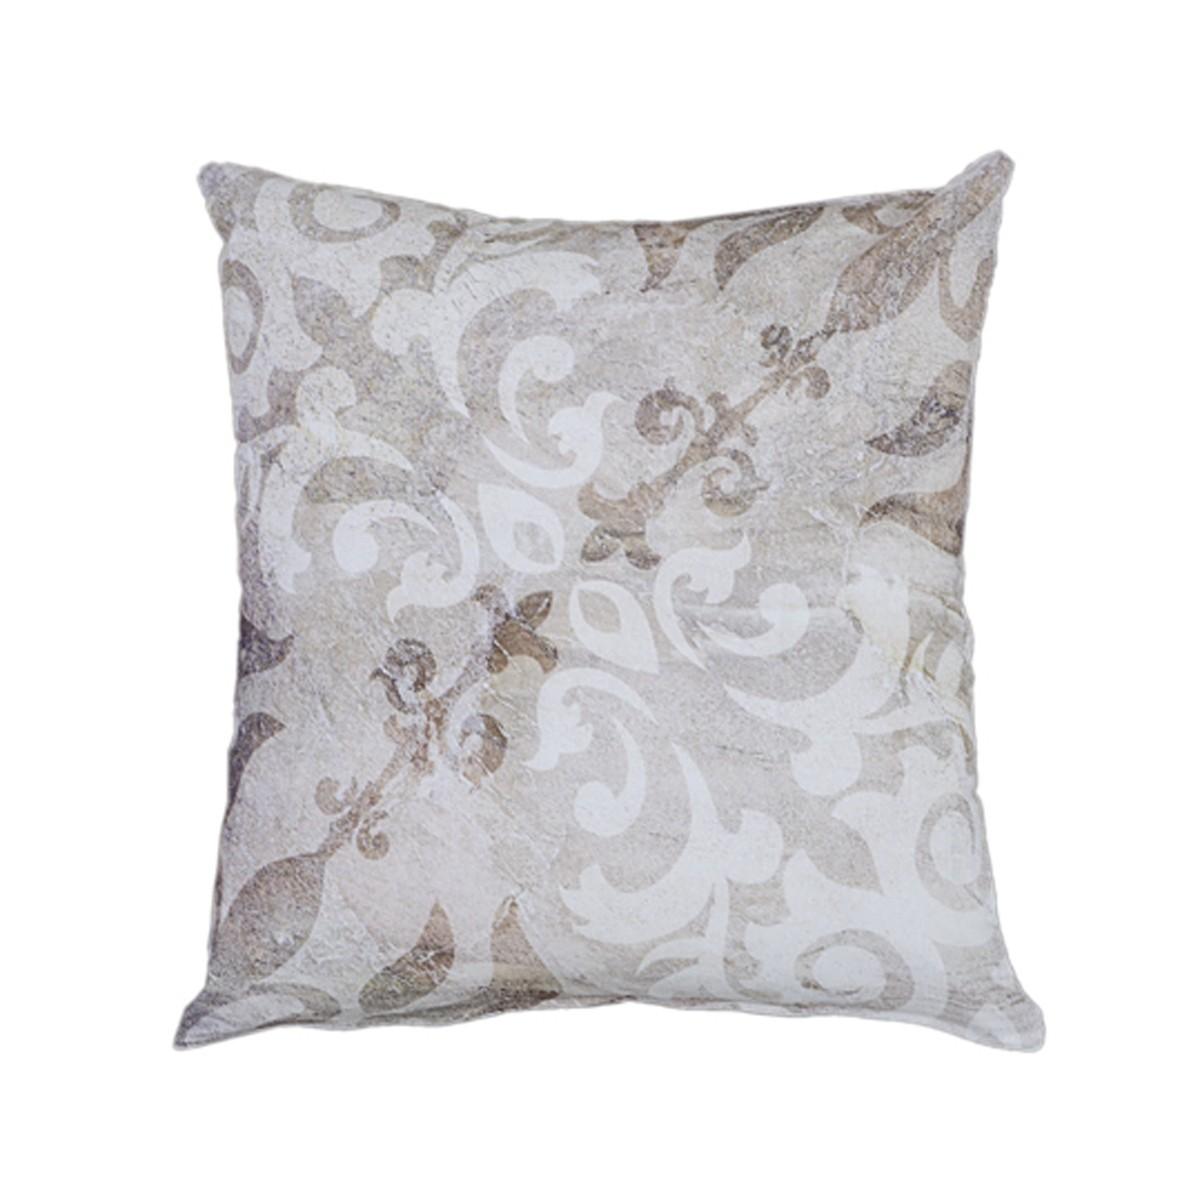 Διακοσμητική Μαξιλαροθήκη Nima Cushions Aniela